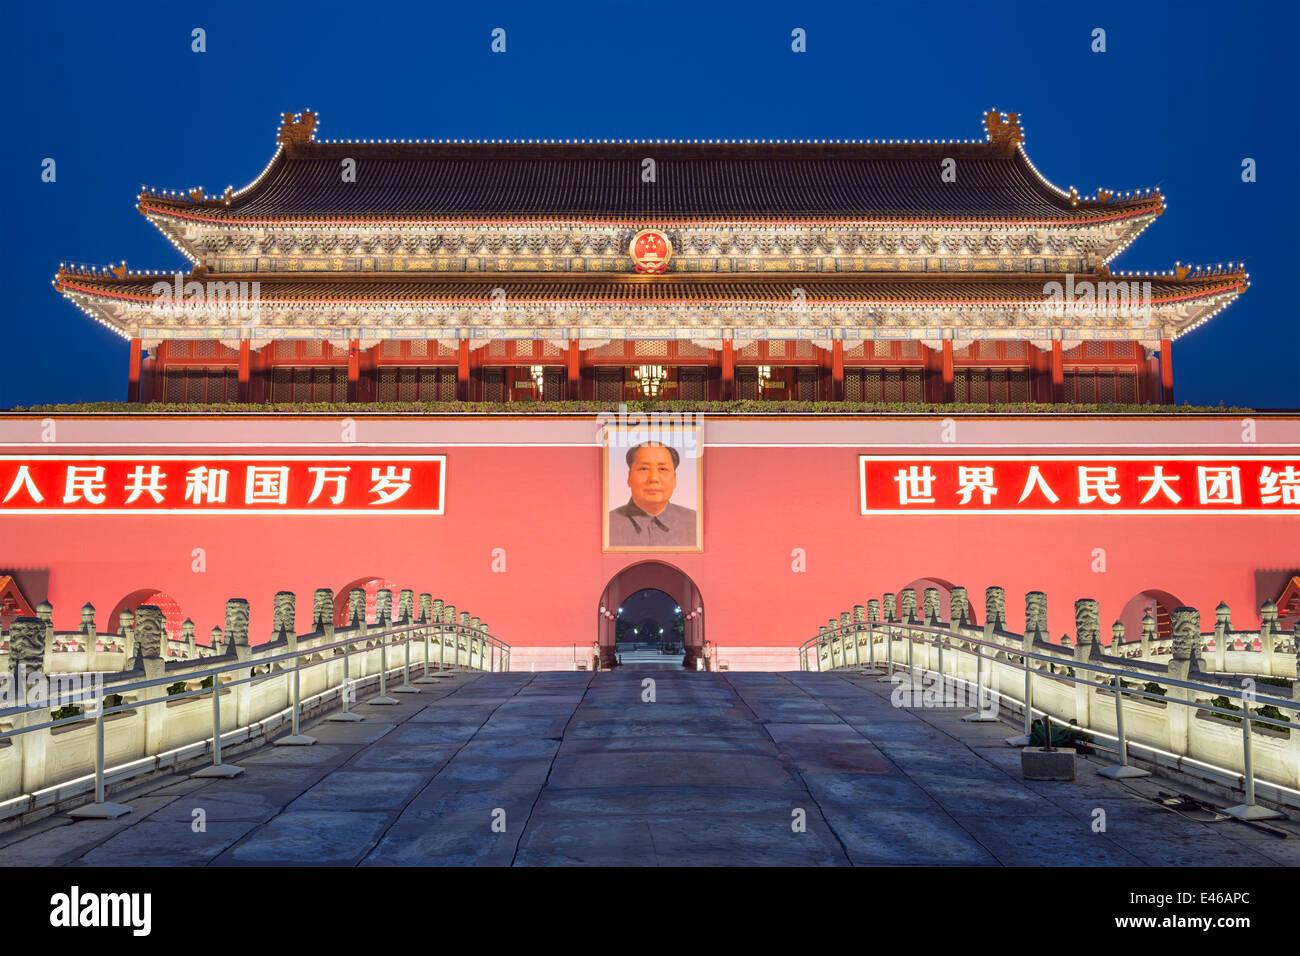 La place Tienanmen à Pékin, Chine. Photo Stock